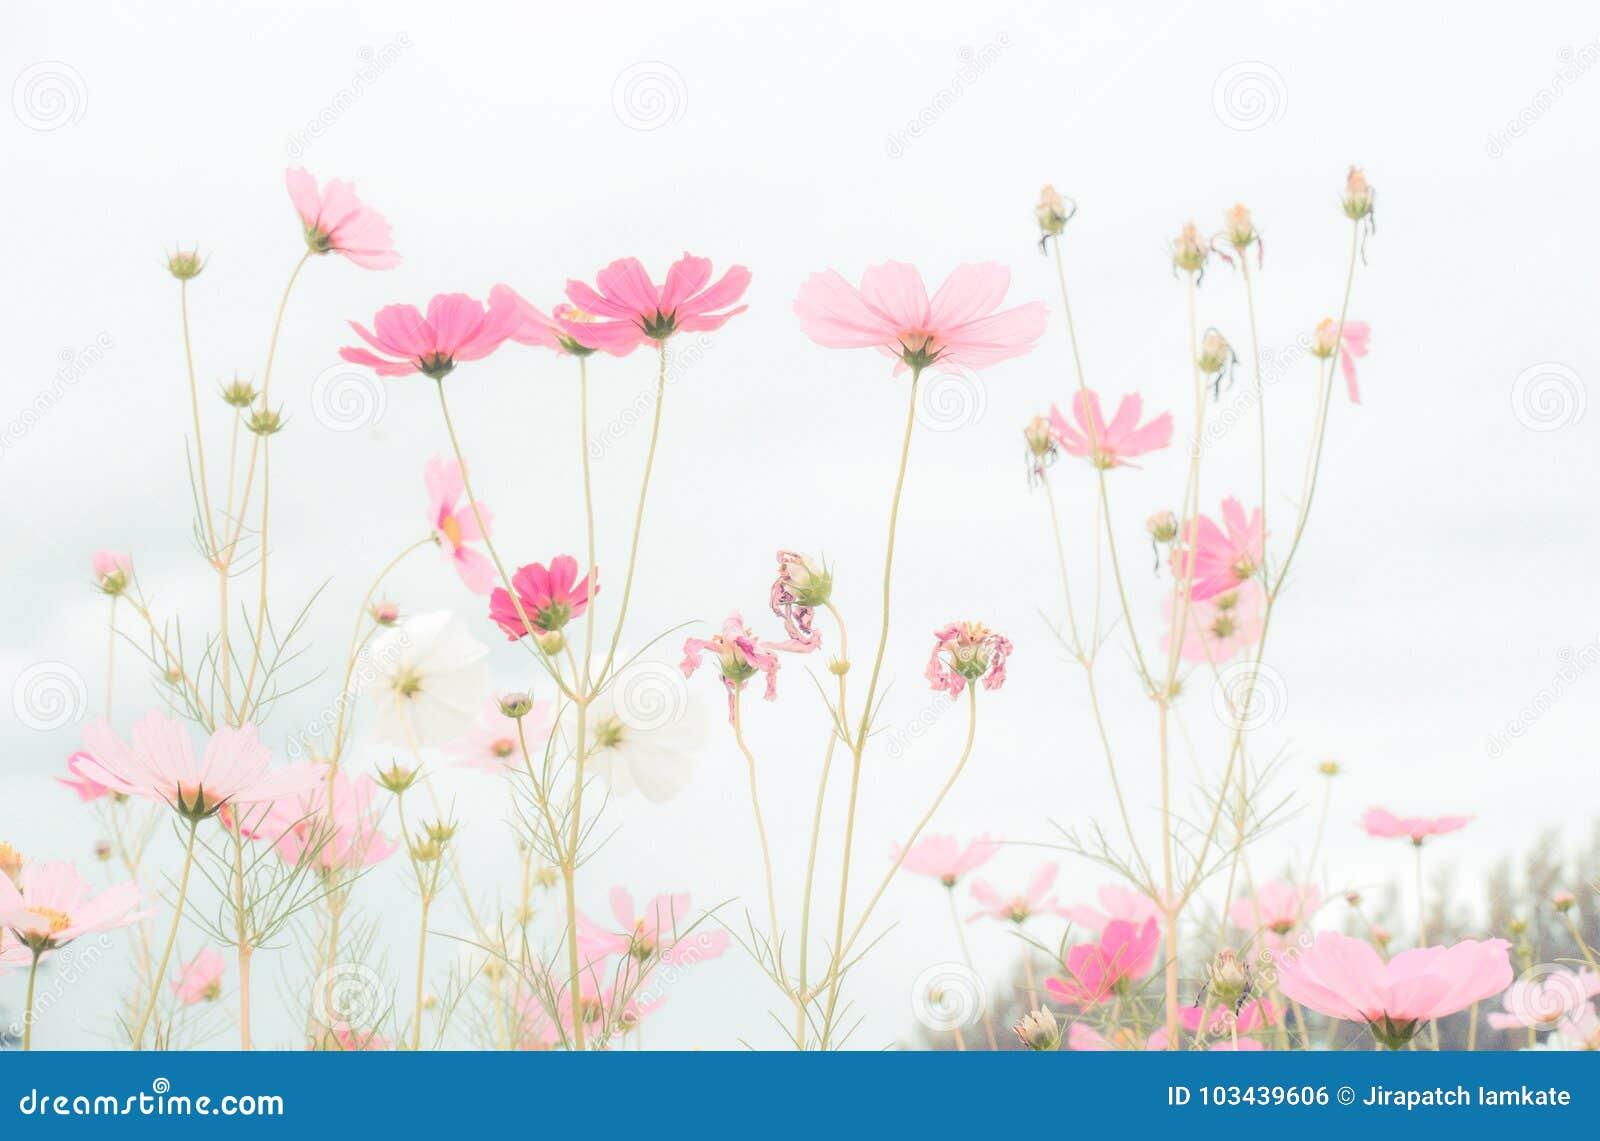 Cosmos flower field beautiful pink flowers stock photo image of cosmos flower field beautiful pink flowers mightylinksfo